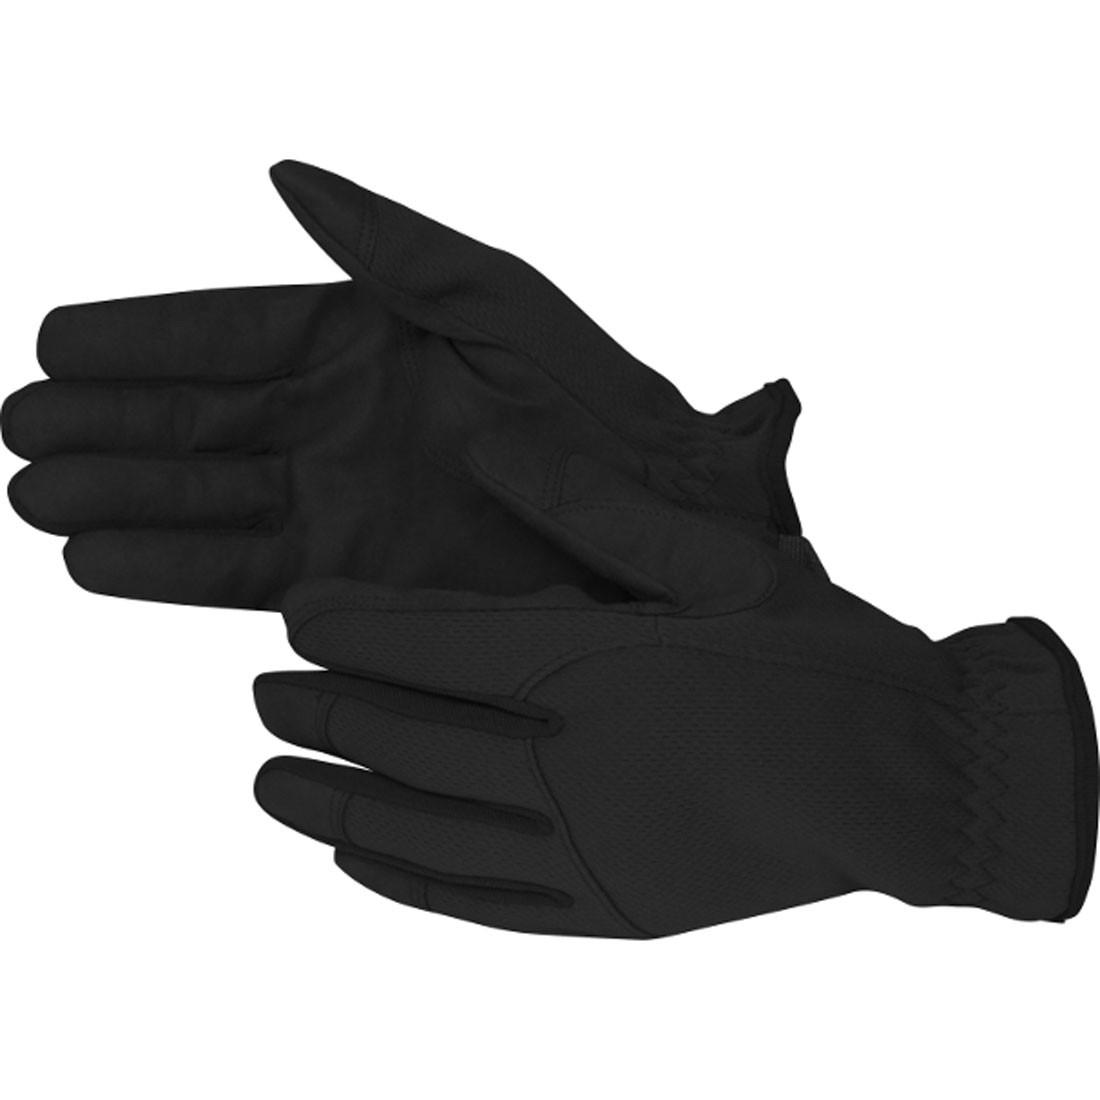 Viper Patrol Gloves Black Medium